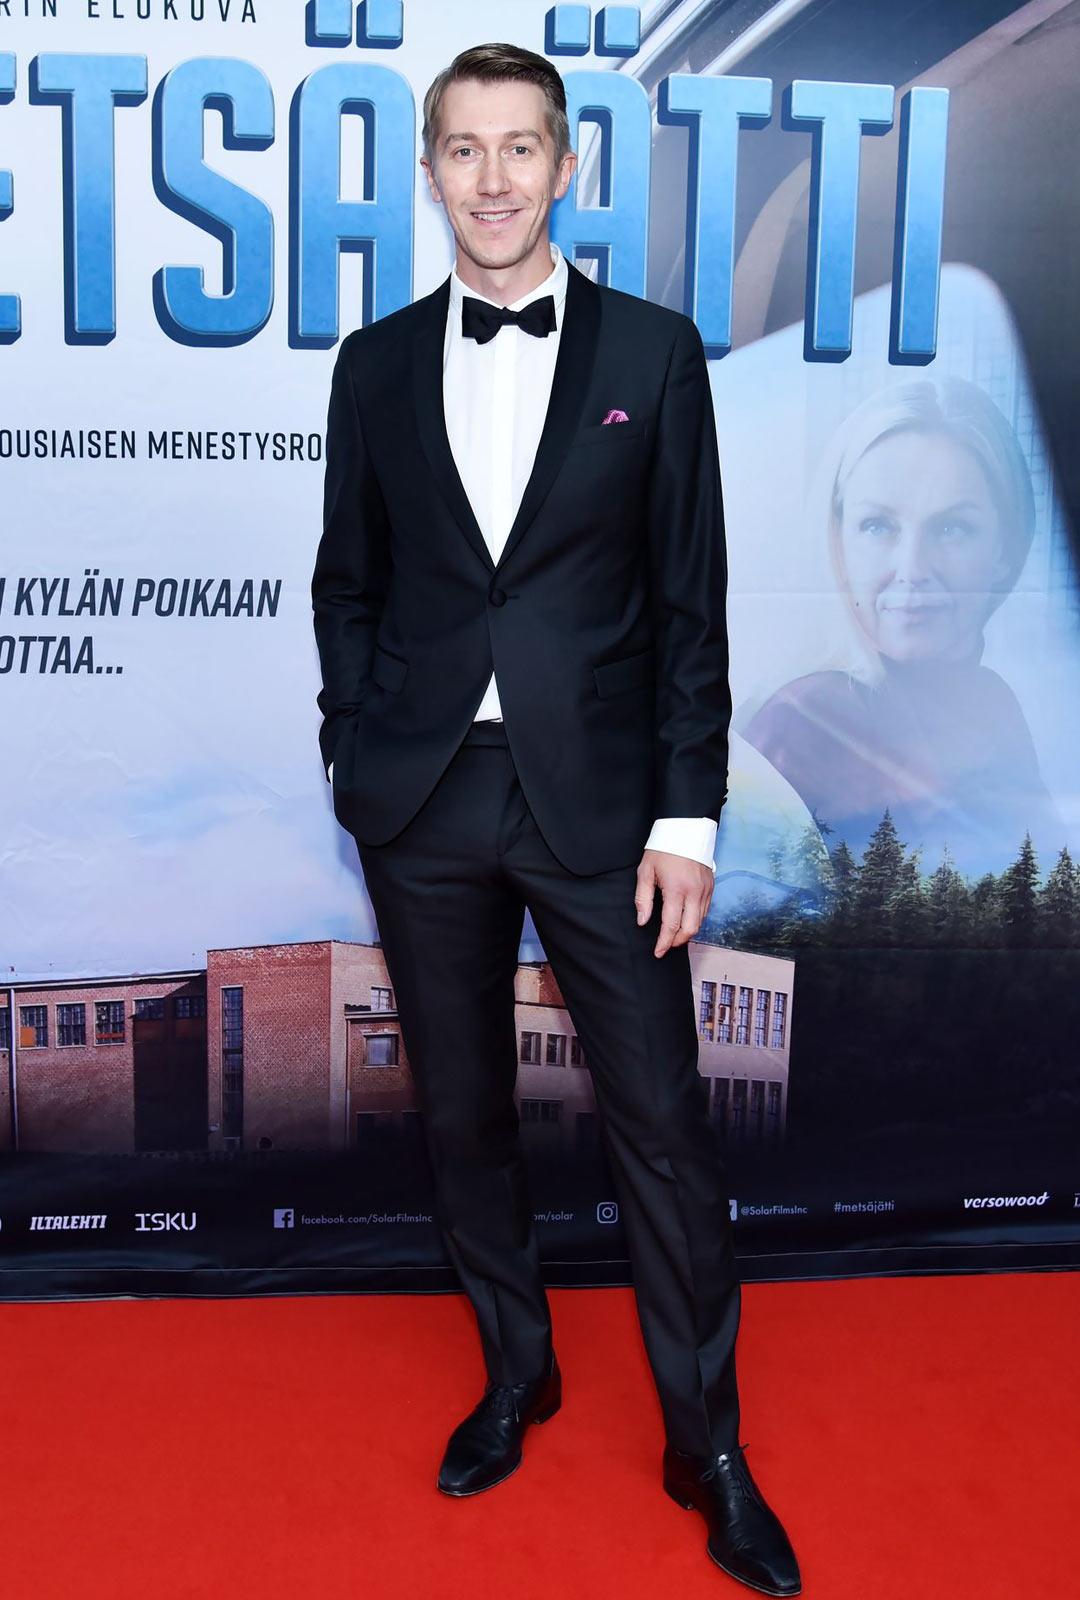 Jussi Vatanennäyttelee pääosaa elokuvassaMetsäjätti.